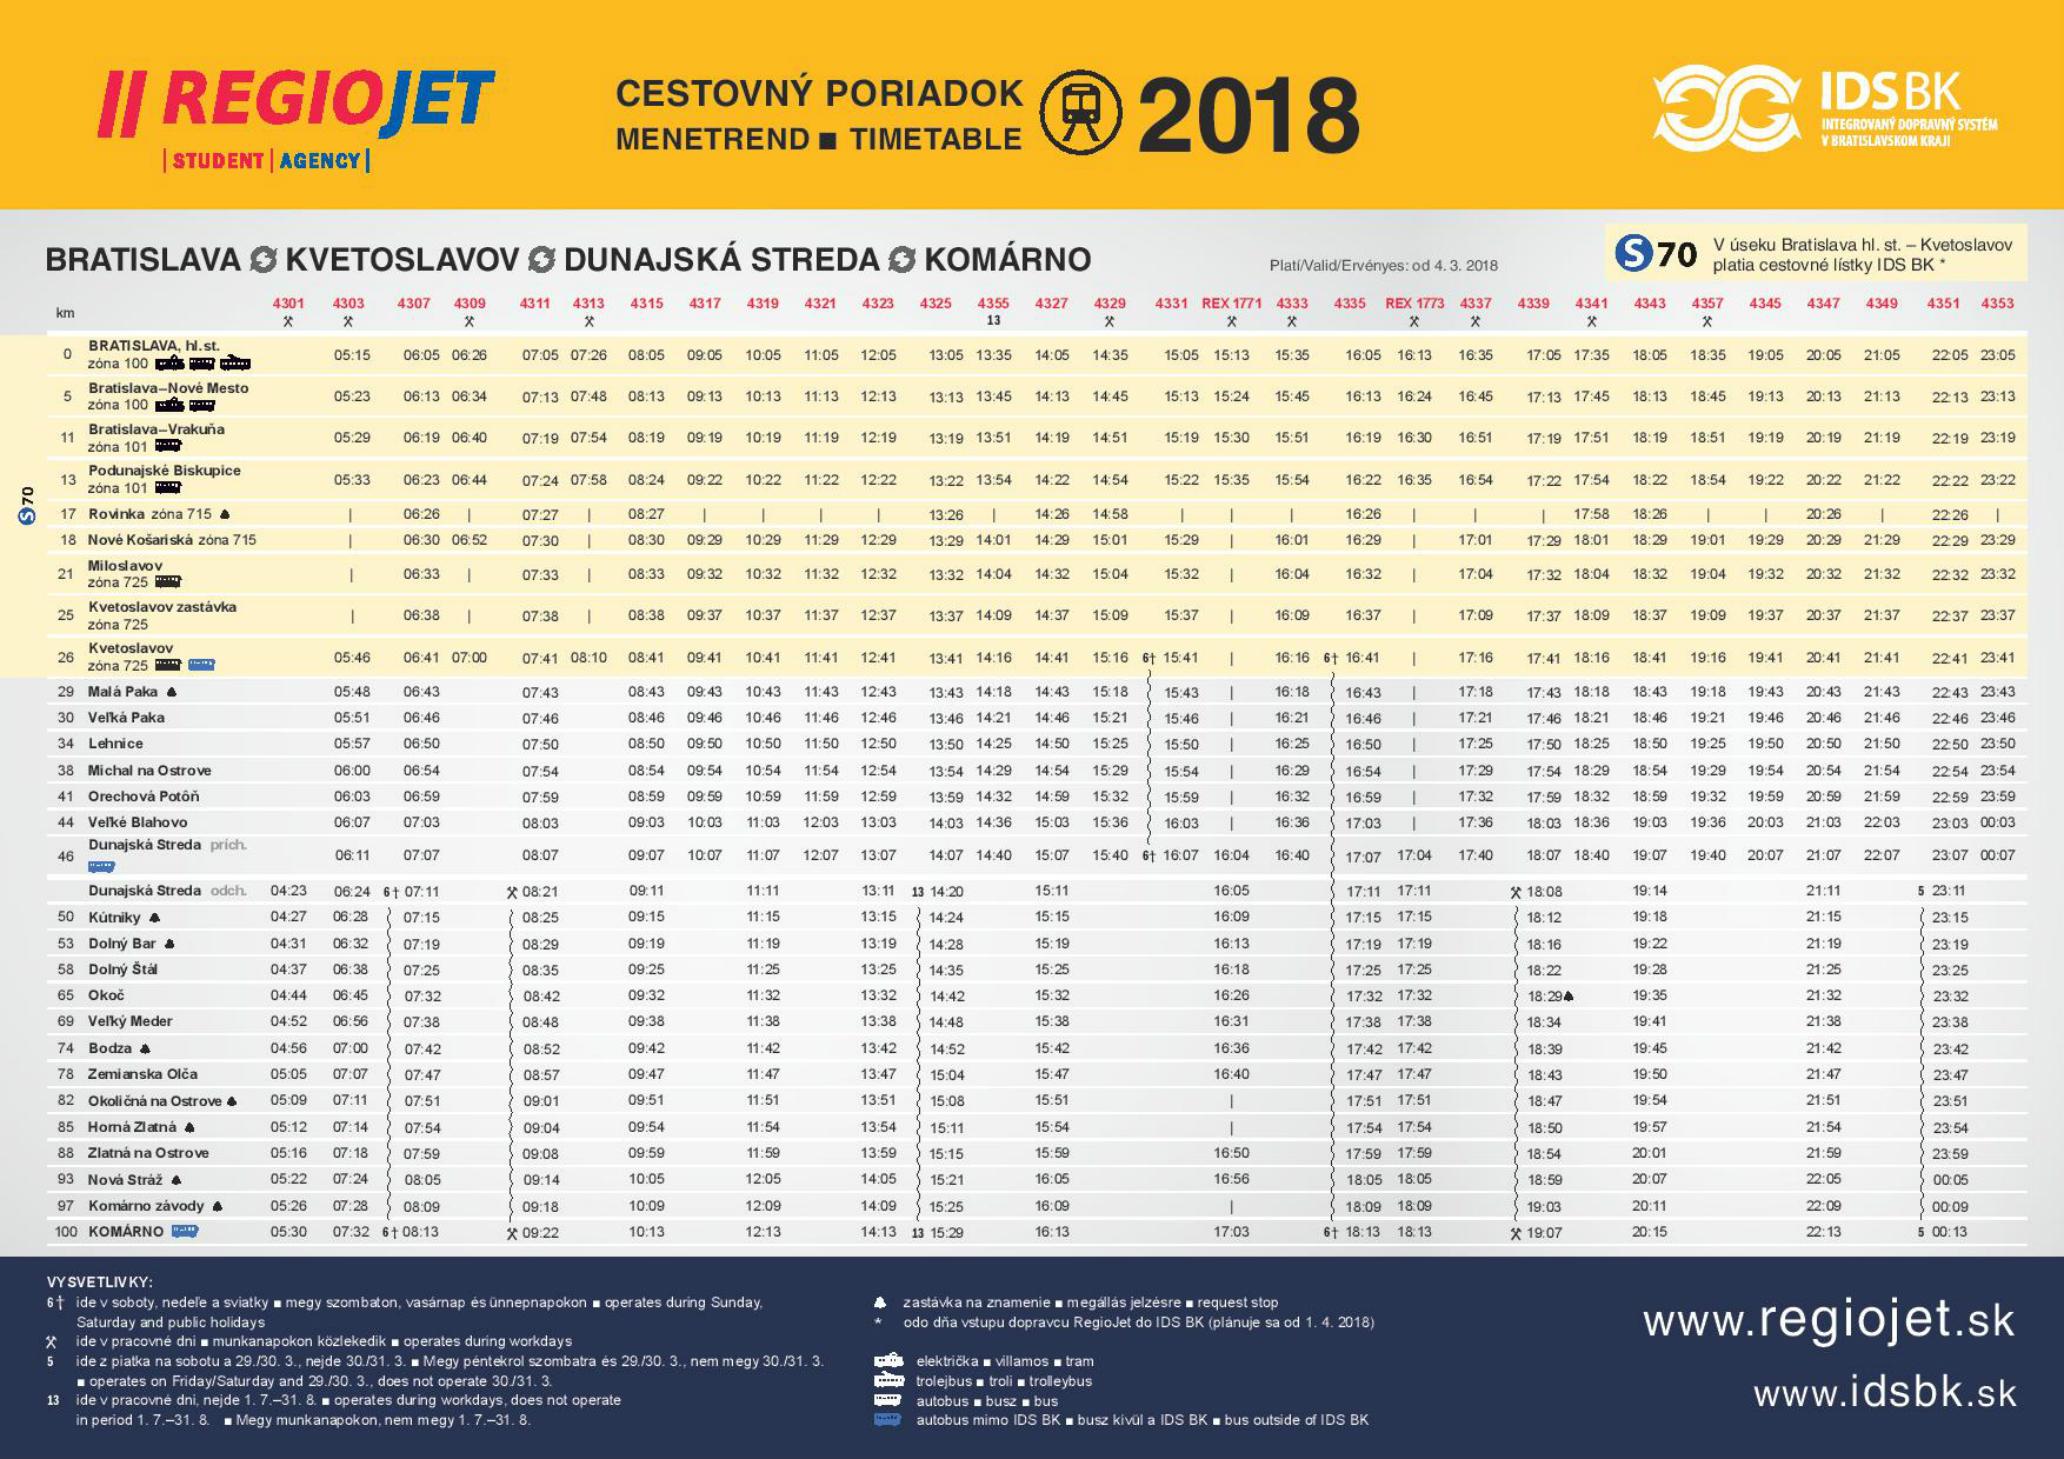 Cestovný poriadok vlaky 2019